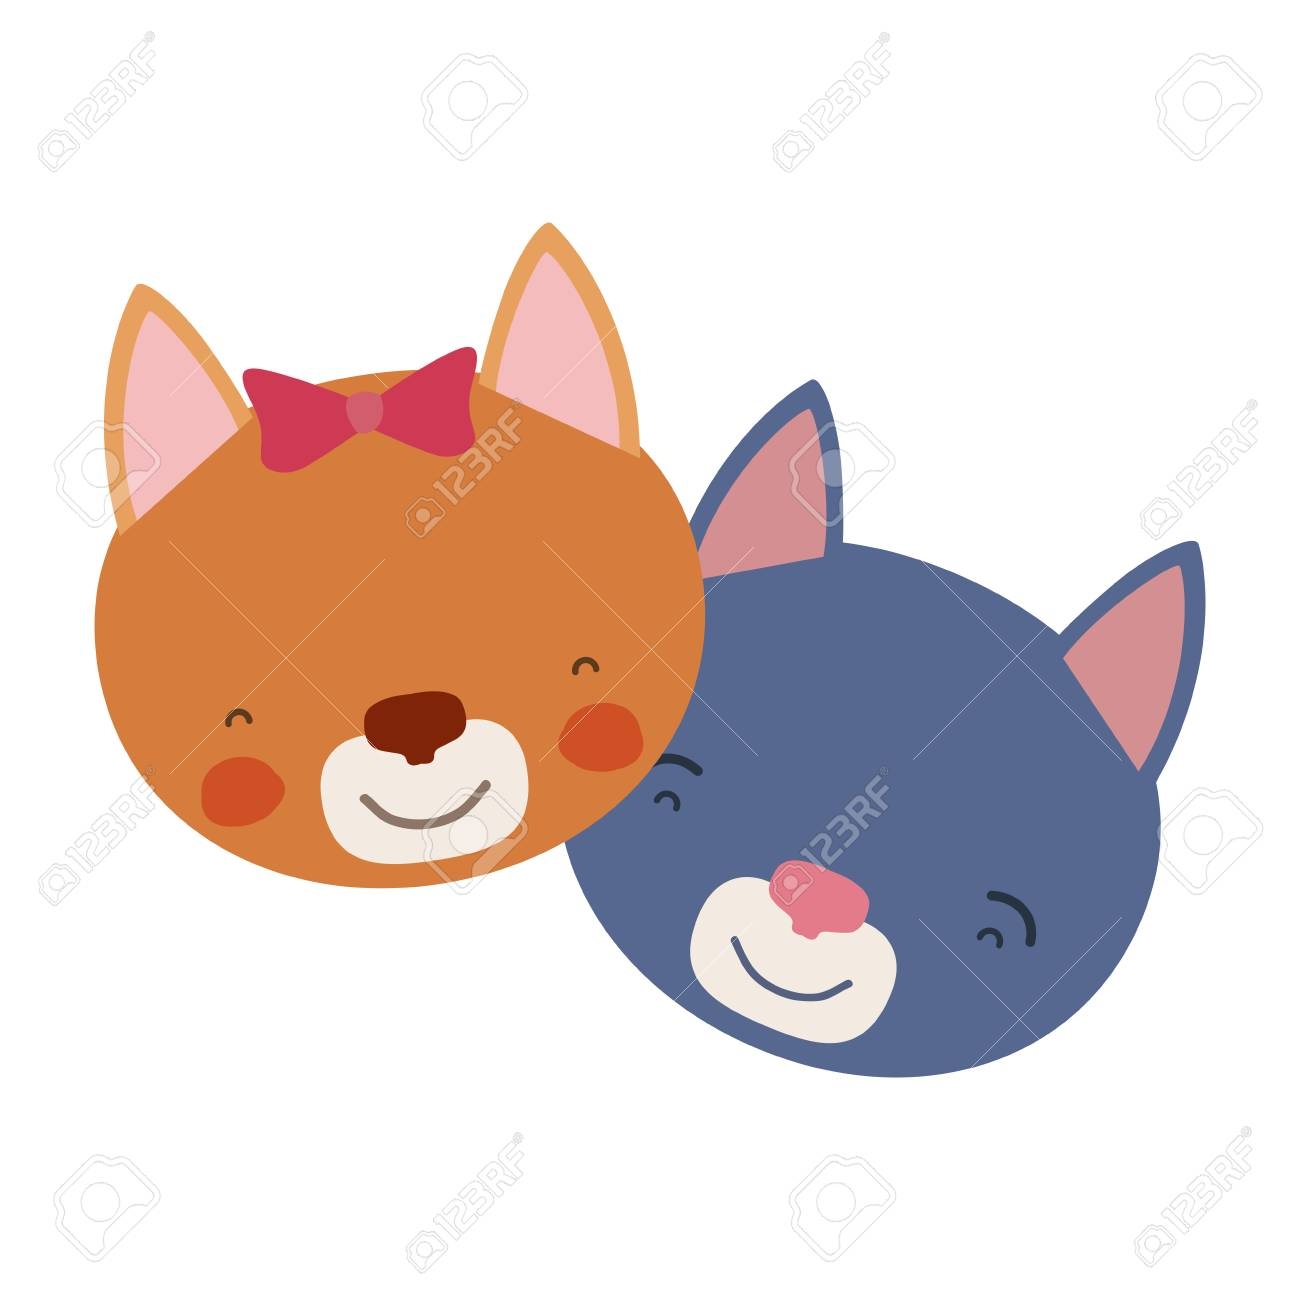 猫カップル動物のしあわせ度式ベクトル イラストのカラフルな似顔絵顔